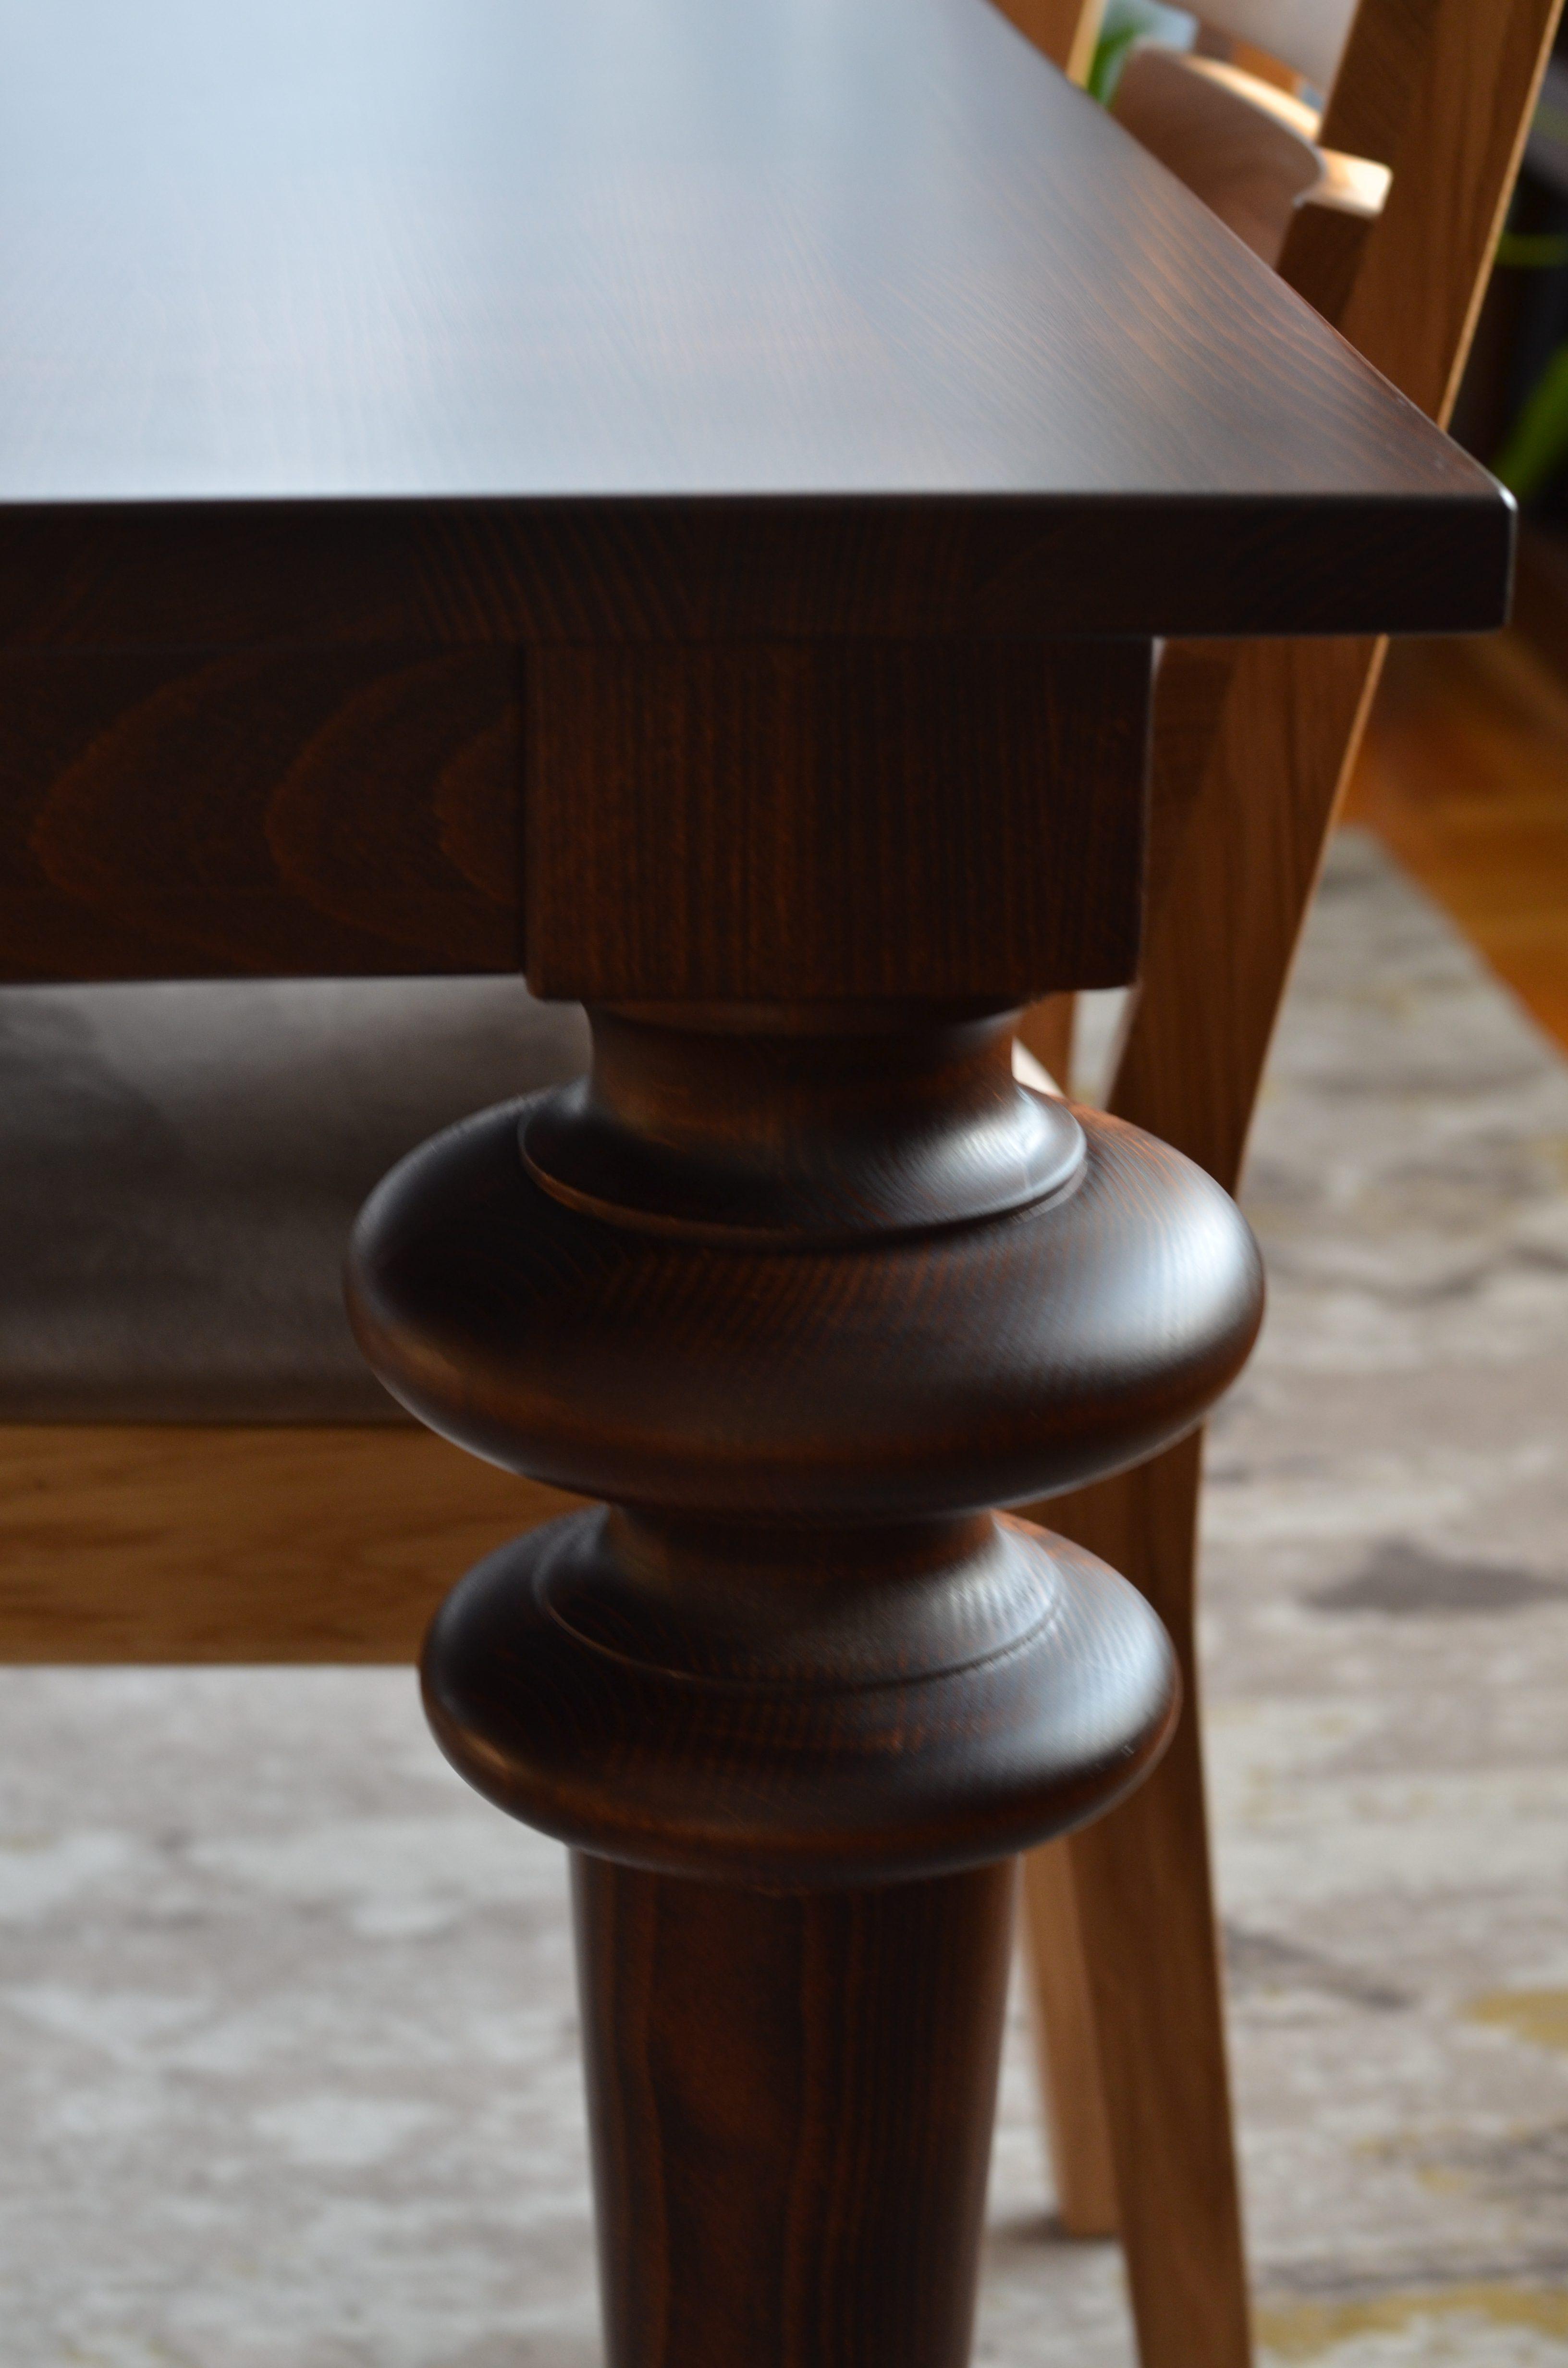 toczone nogi stołu